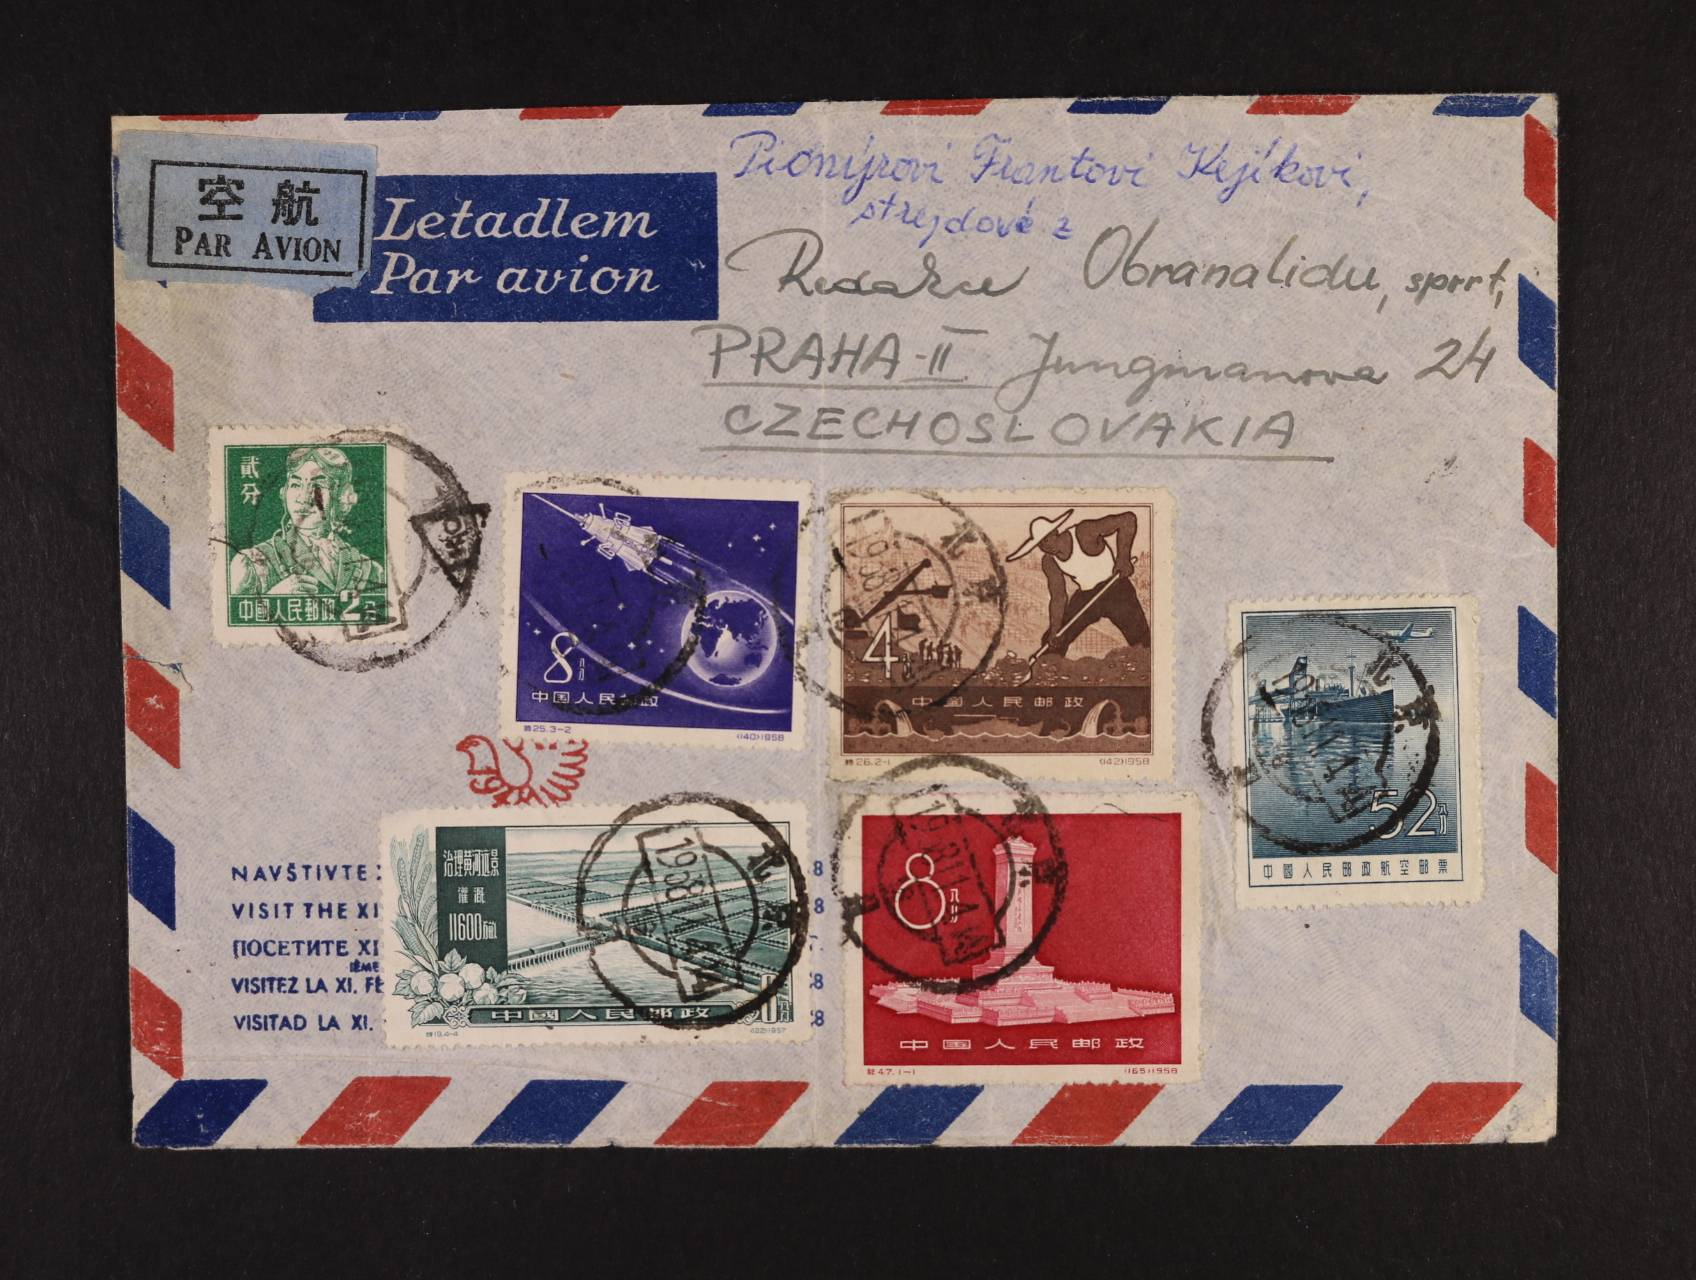 Čína - let. dopis do ČSR z r. 1958 frank. pestrou zajímavou frankaturou